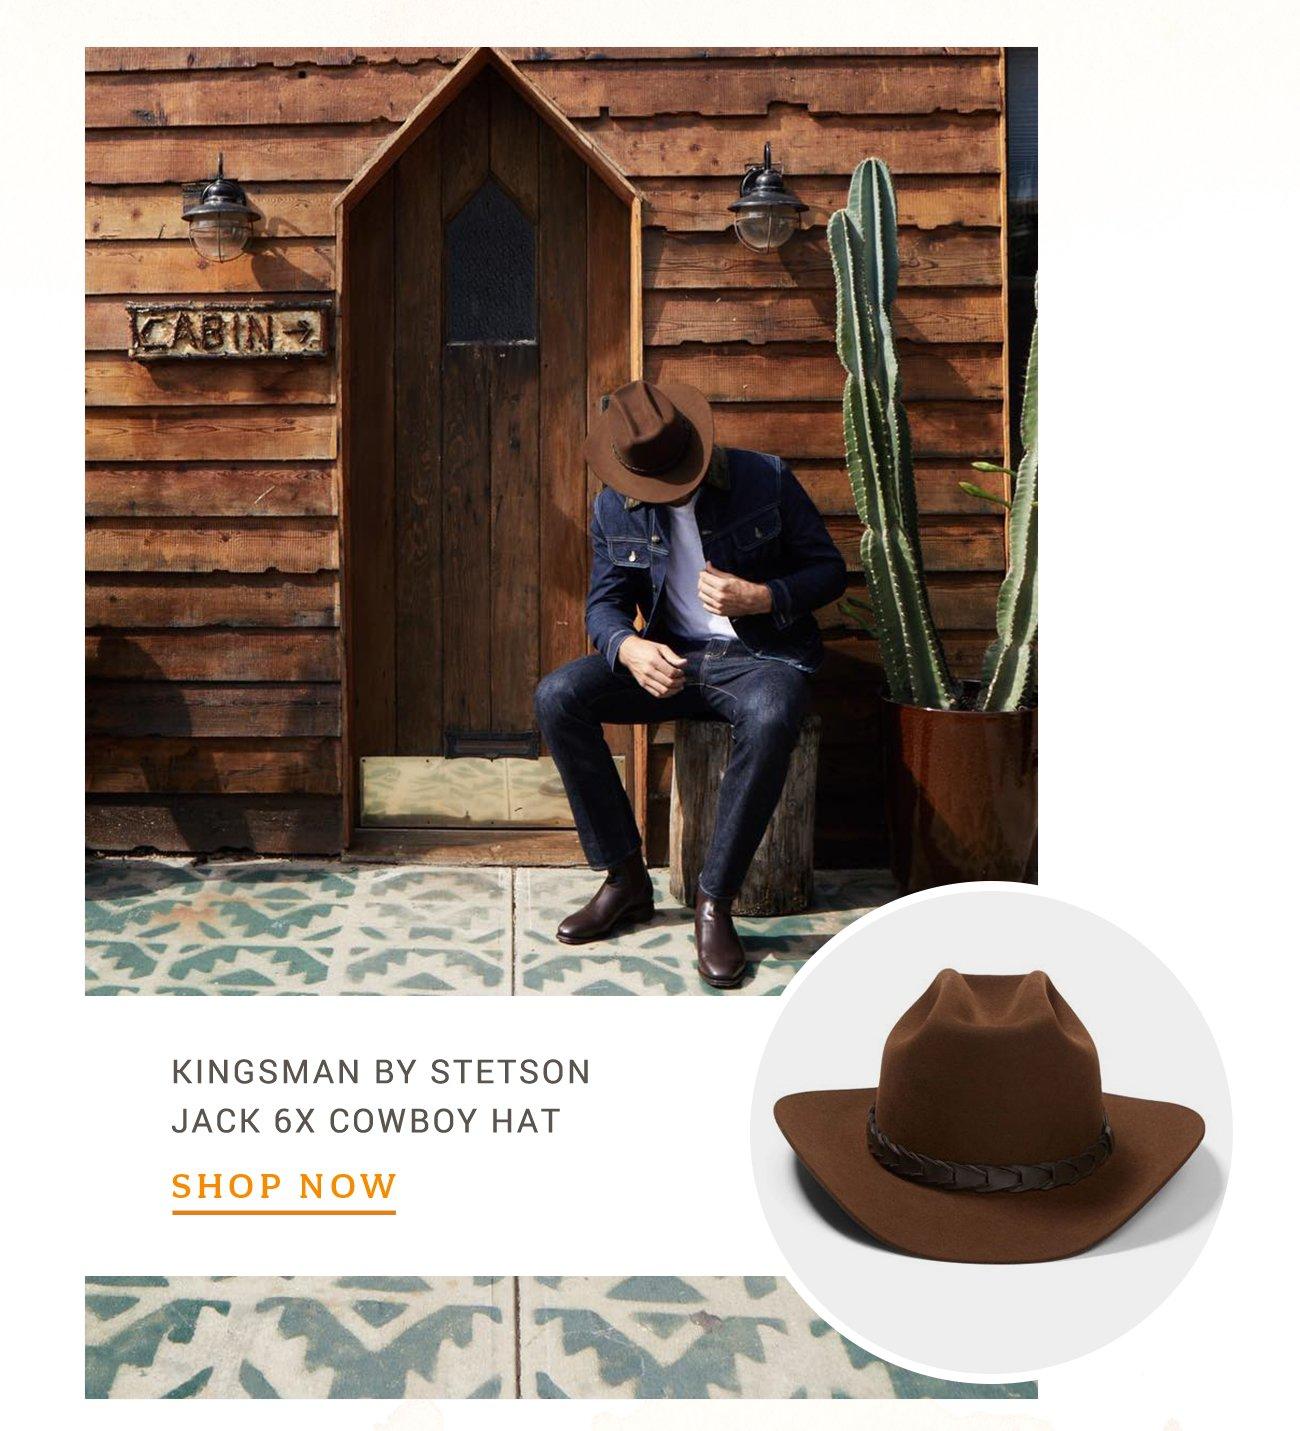 Kingsman By Stetson Jack 6x Cowboy Hat afa62981ca3